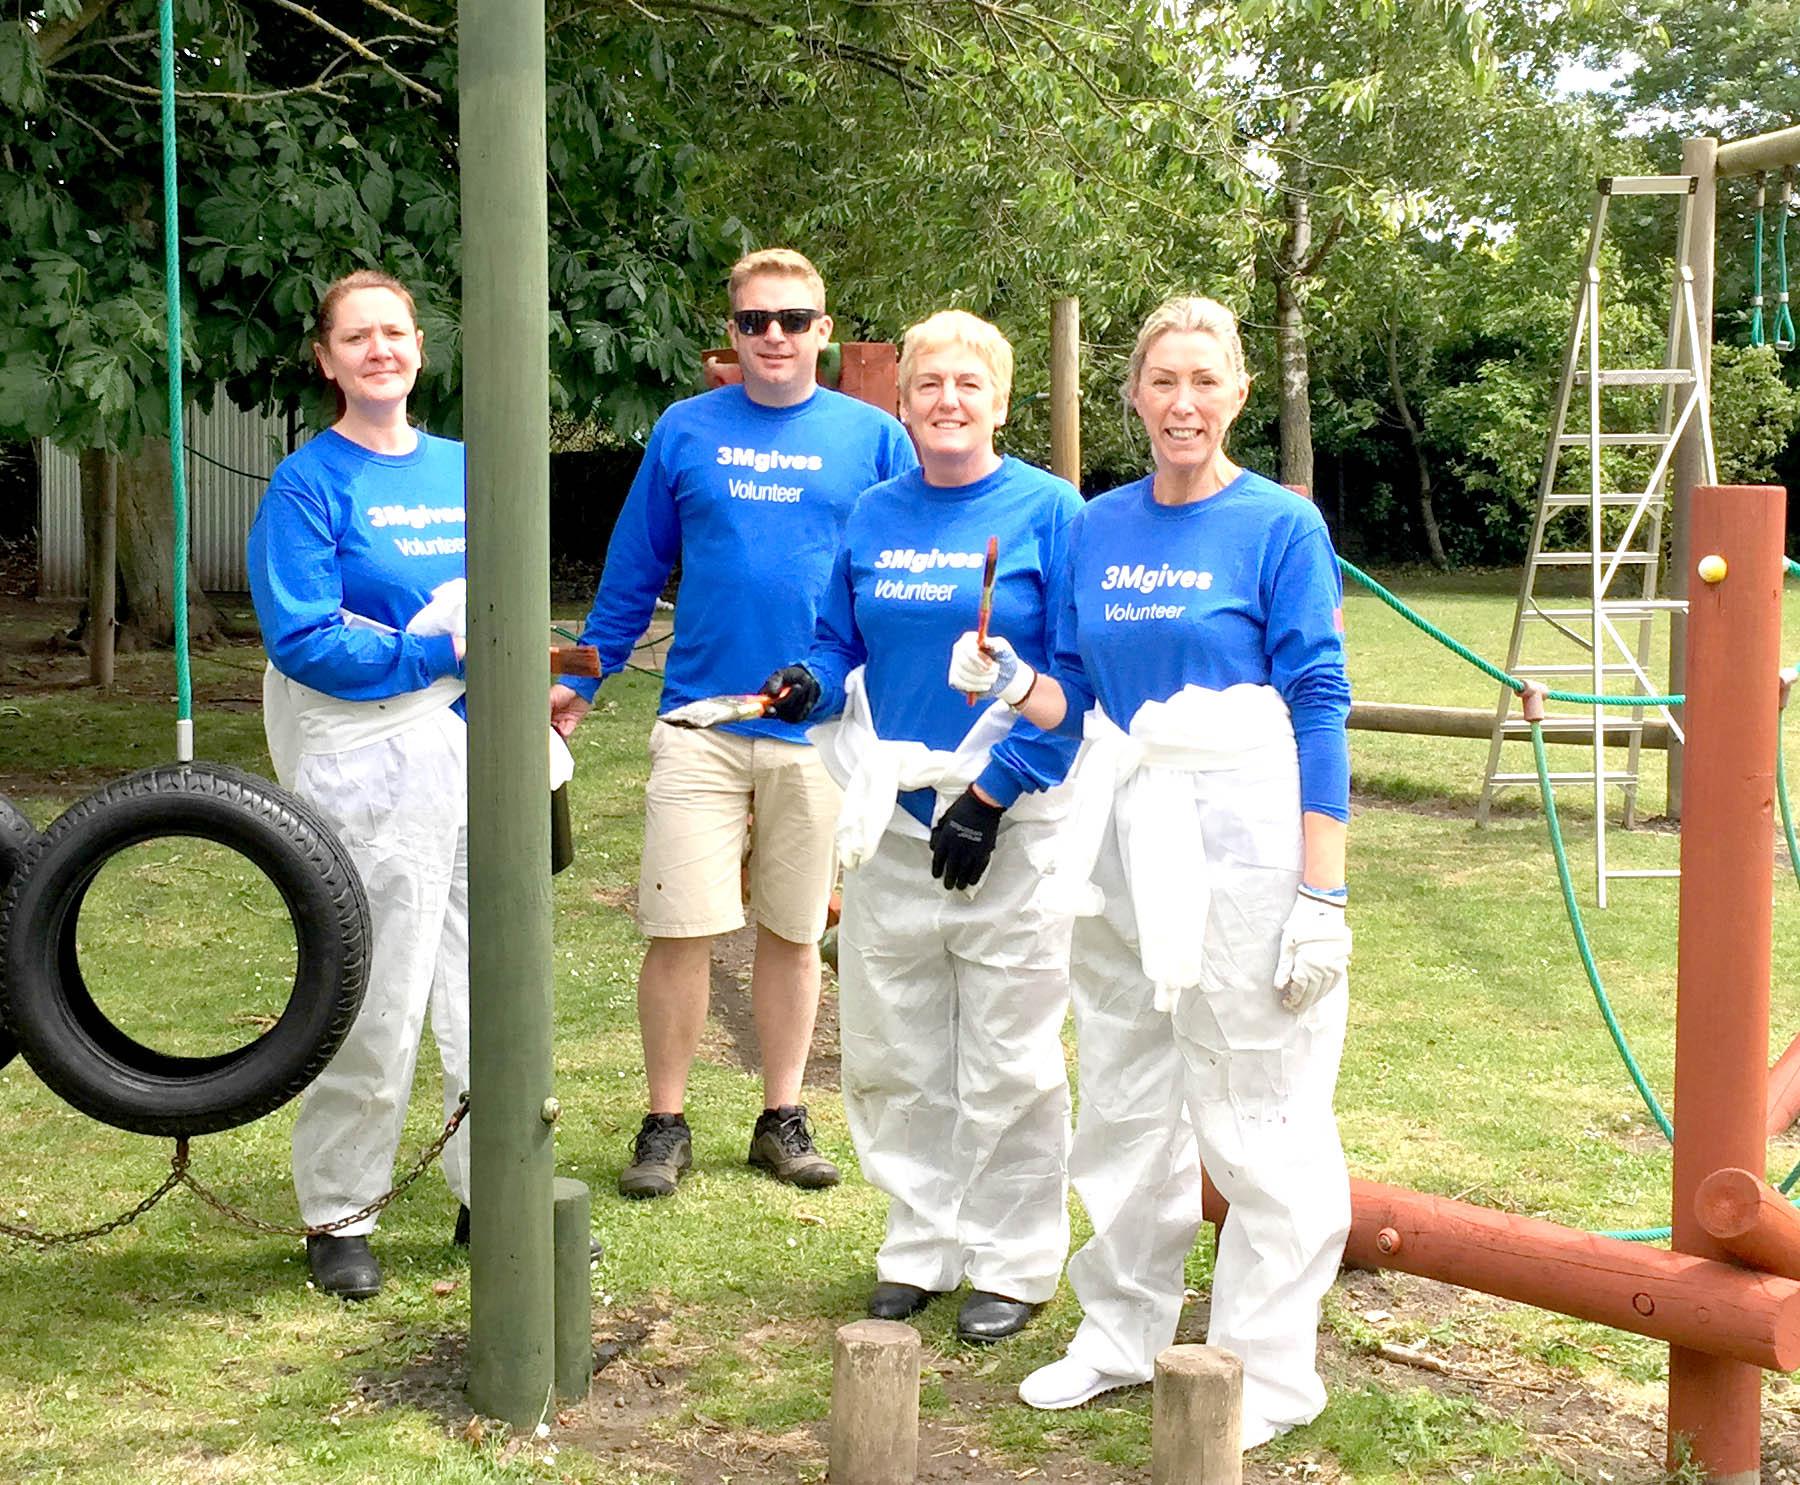 3M Volunteers at Work in Aycliffe School